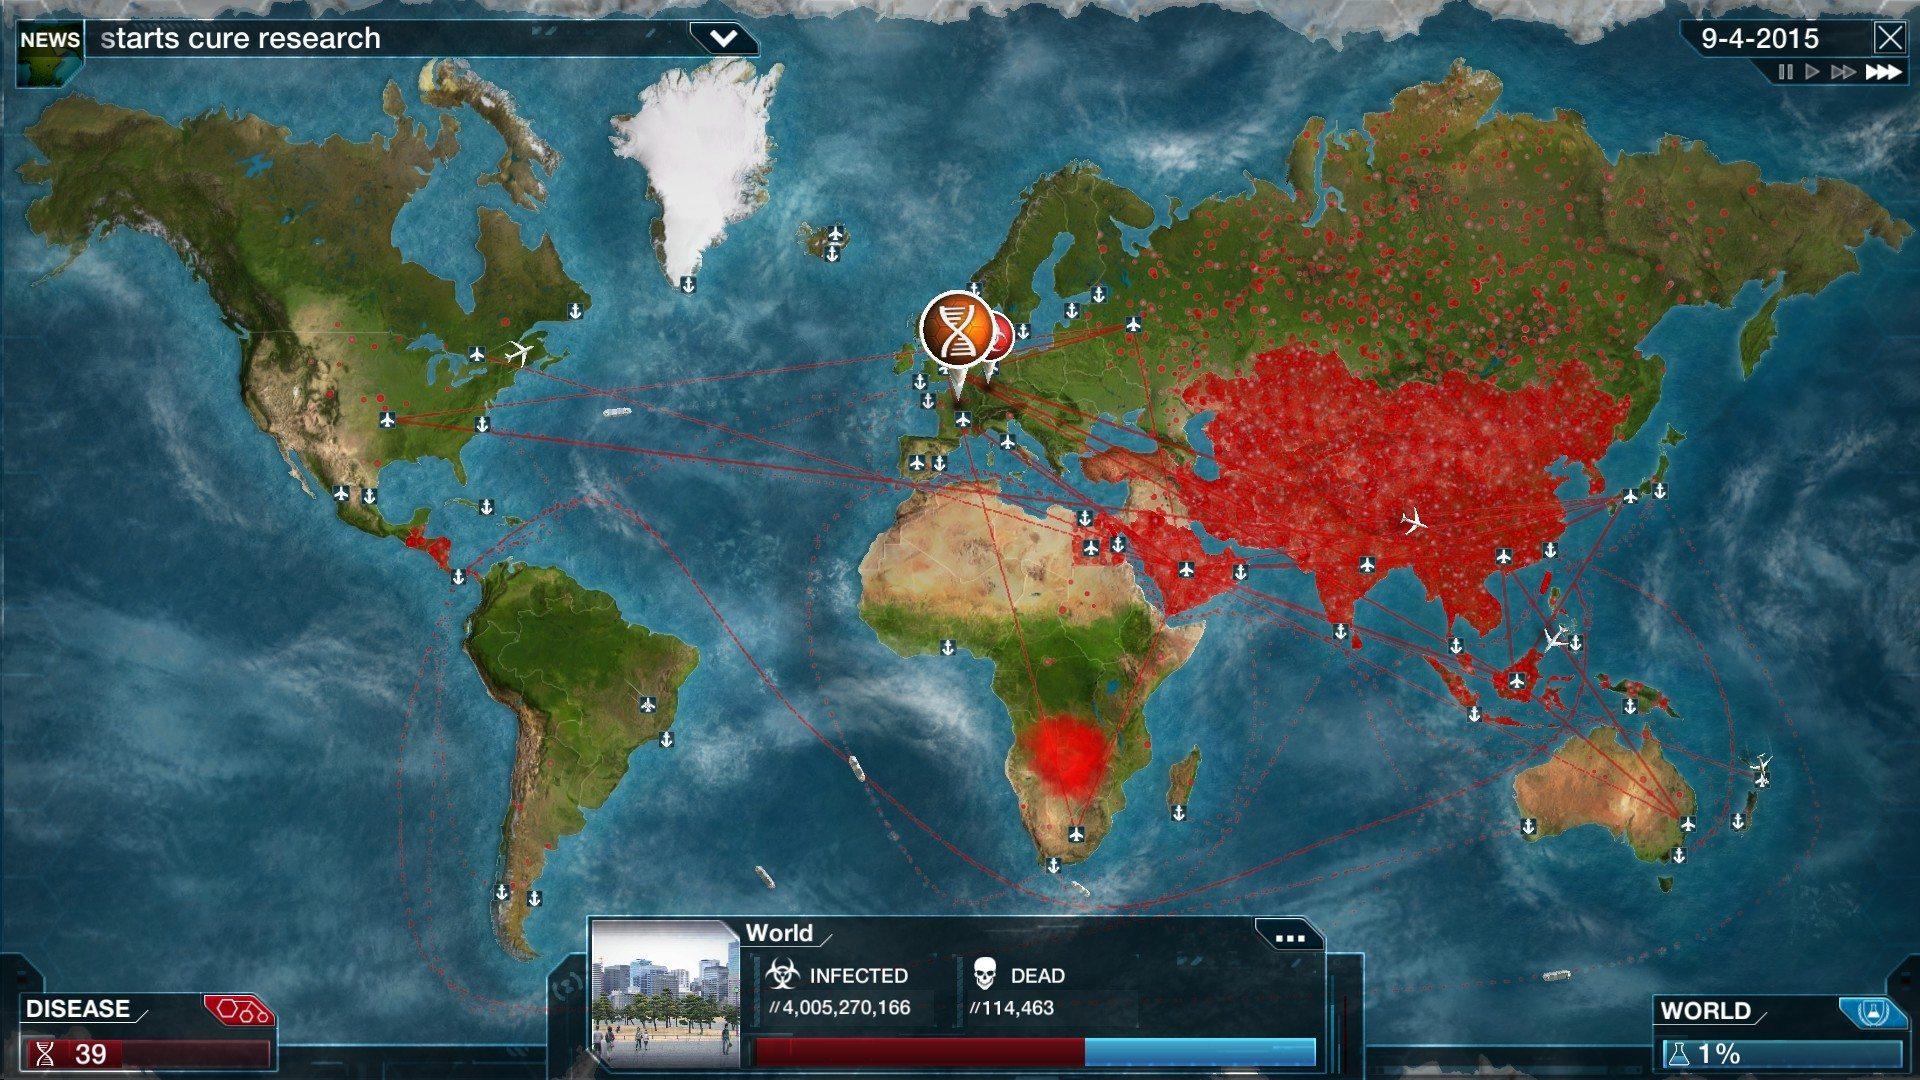 «Plague Inc: Evolved» – Hva kan du lære av å utrydde kloden for mennesker?